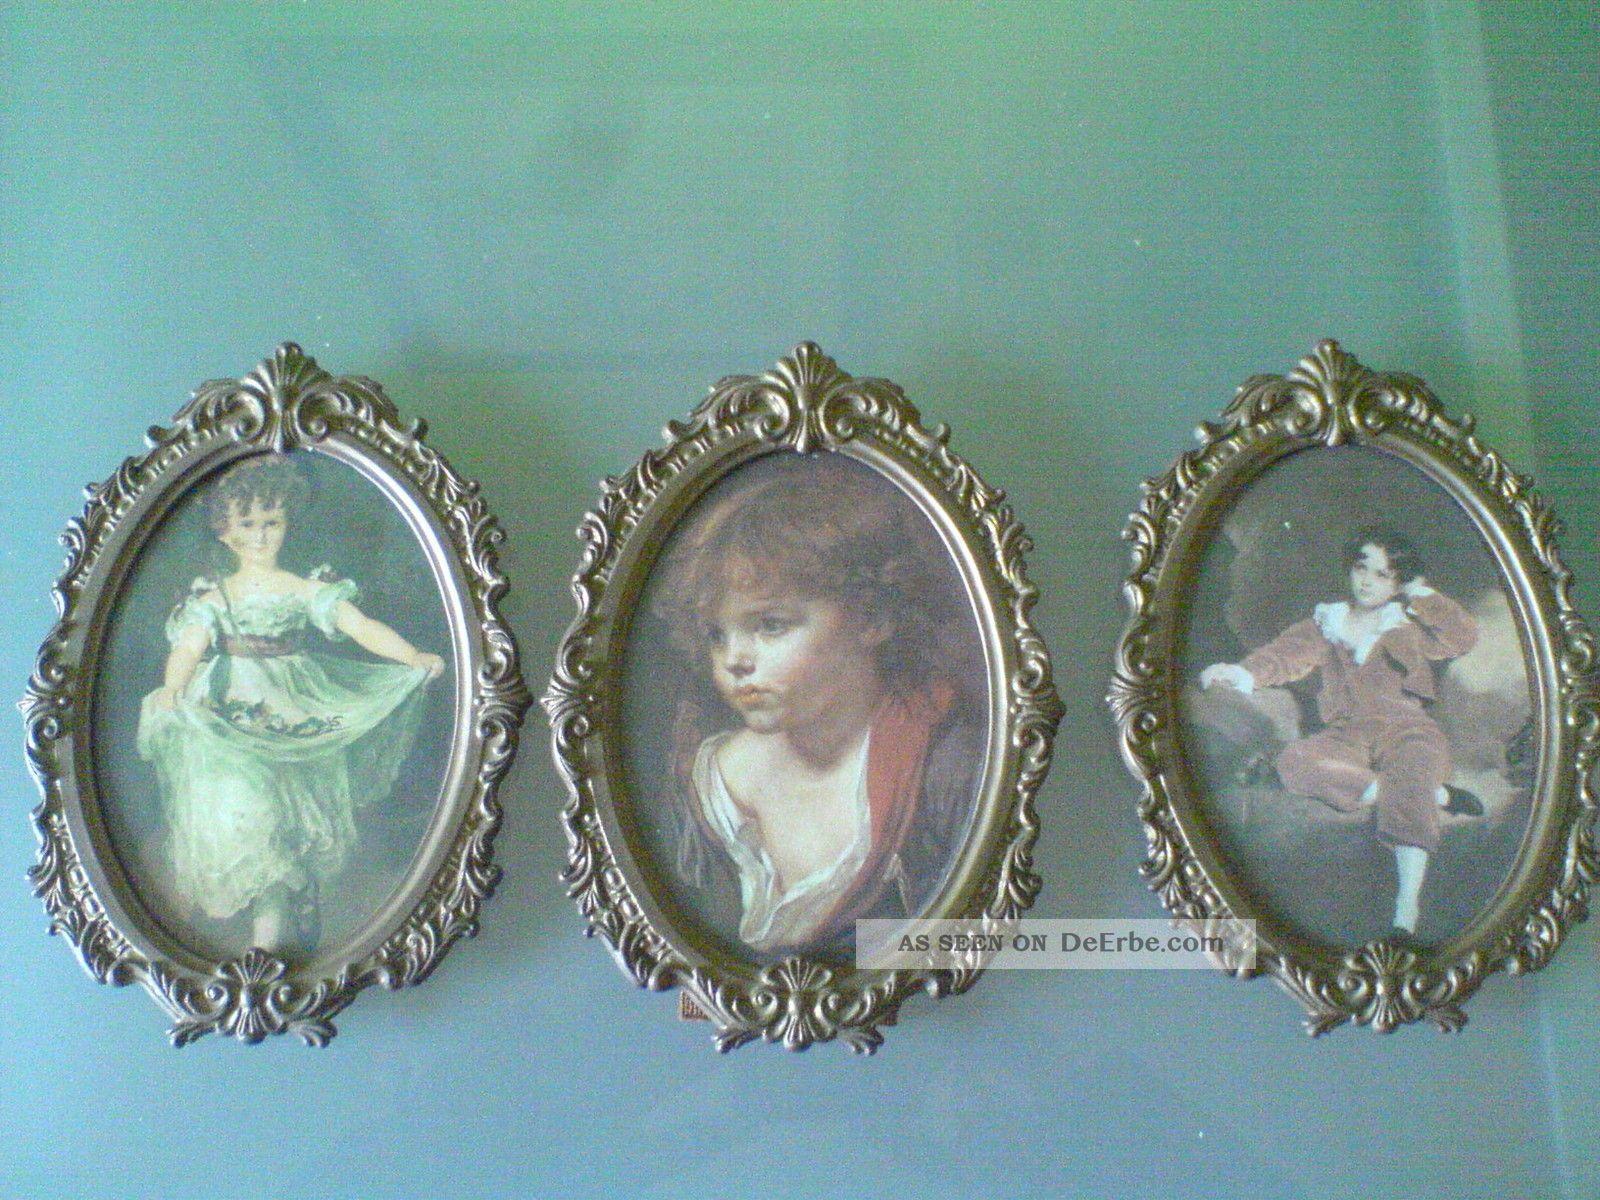 3 ganz alte schwere ovale bilderrahmen messing bronze mit alten bildern barock. Black Bedroom Furniture Sets. Home Design Ideas